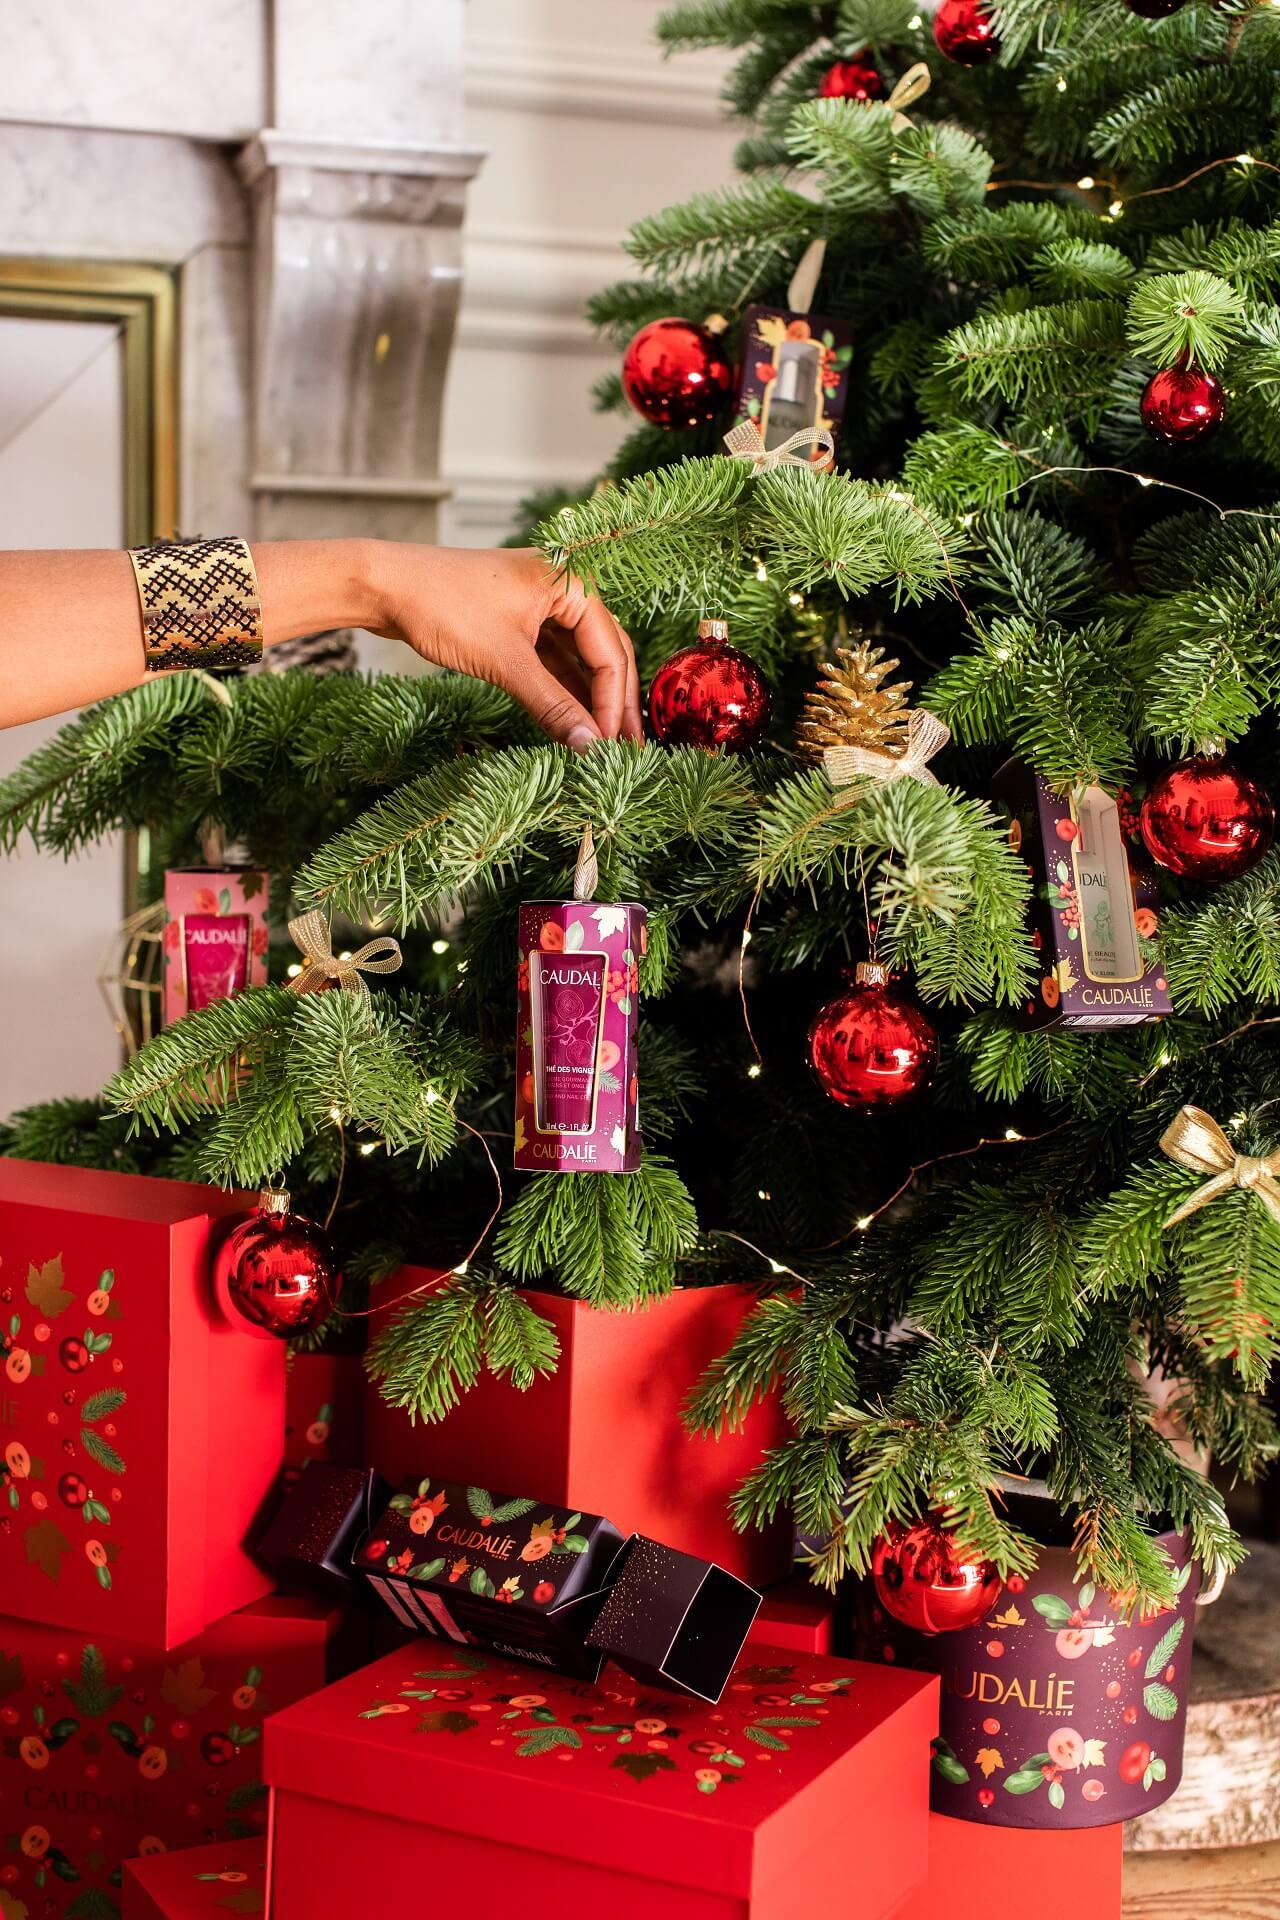 Осознанное Рождество: Тематическая коллекция праздничного настроения от брендаCaudalie-Фото 2